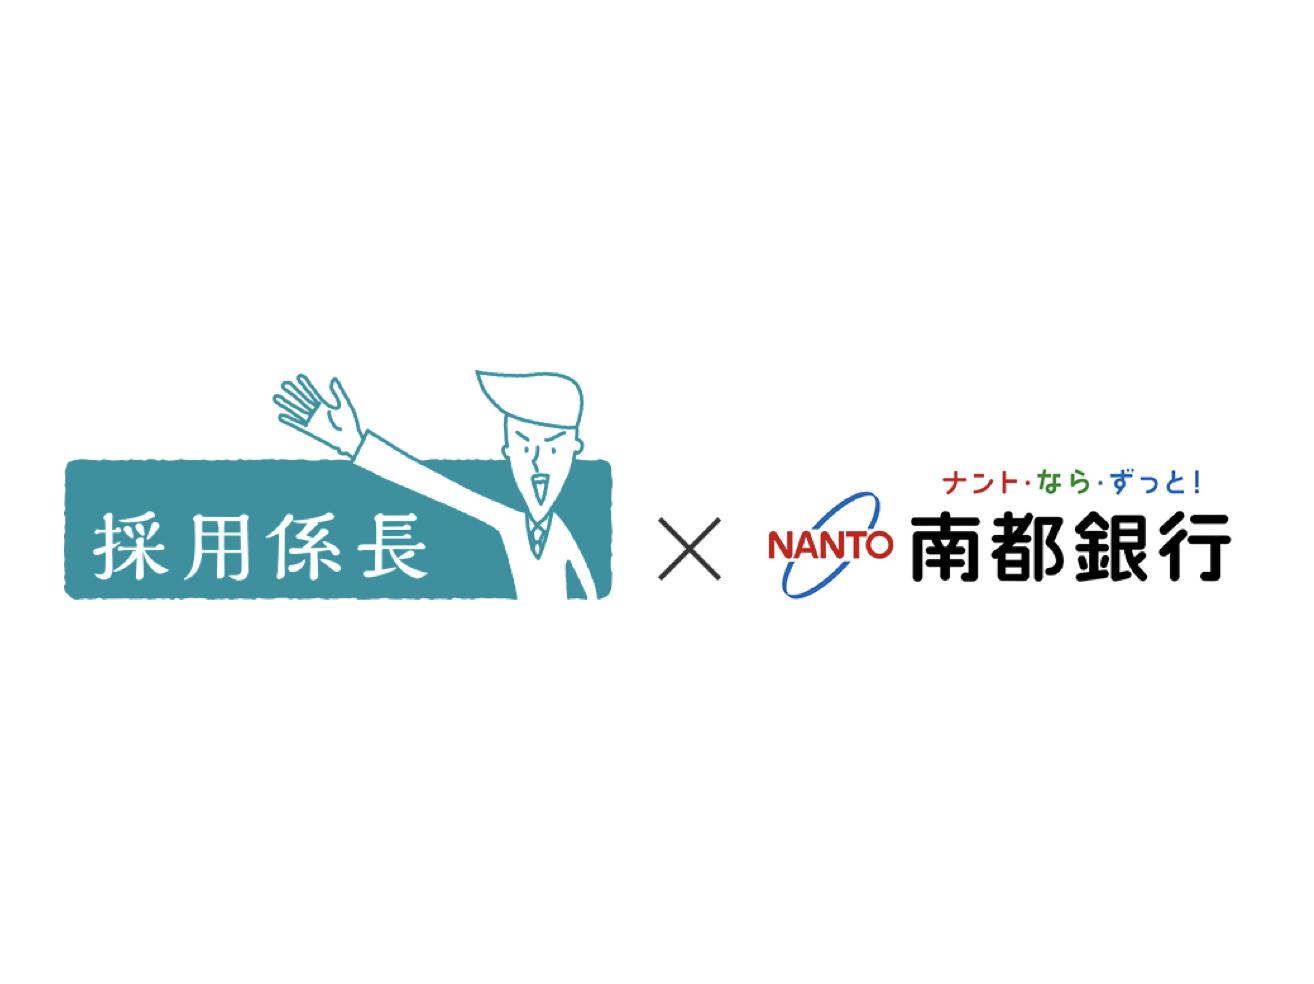 クラウド型採用マーケティングツール「採用係⻑」を運営するネットオン、南都銀行と業務提携